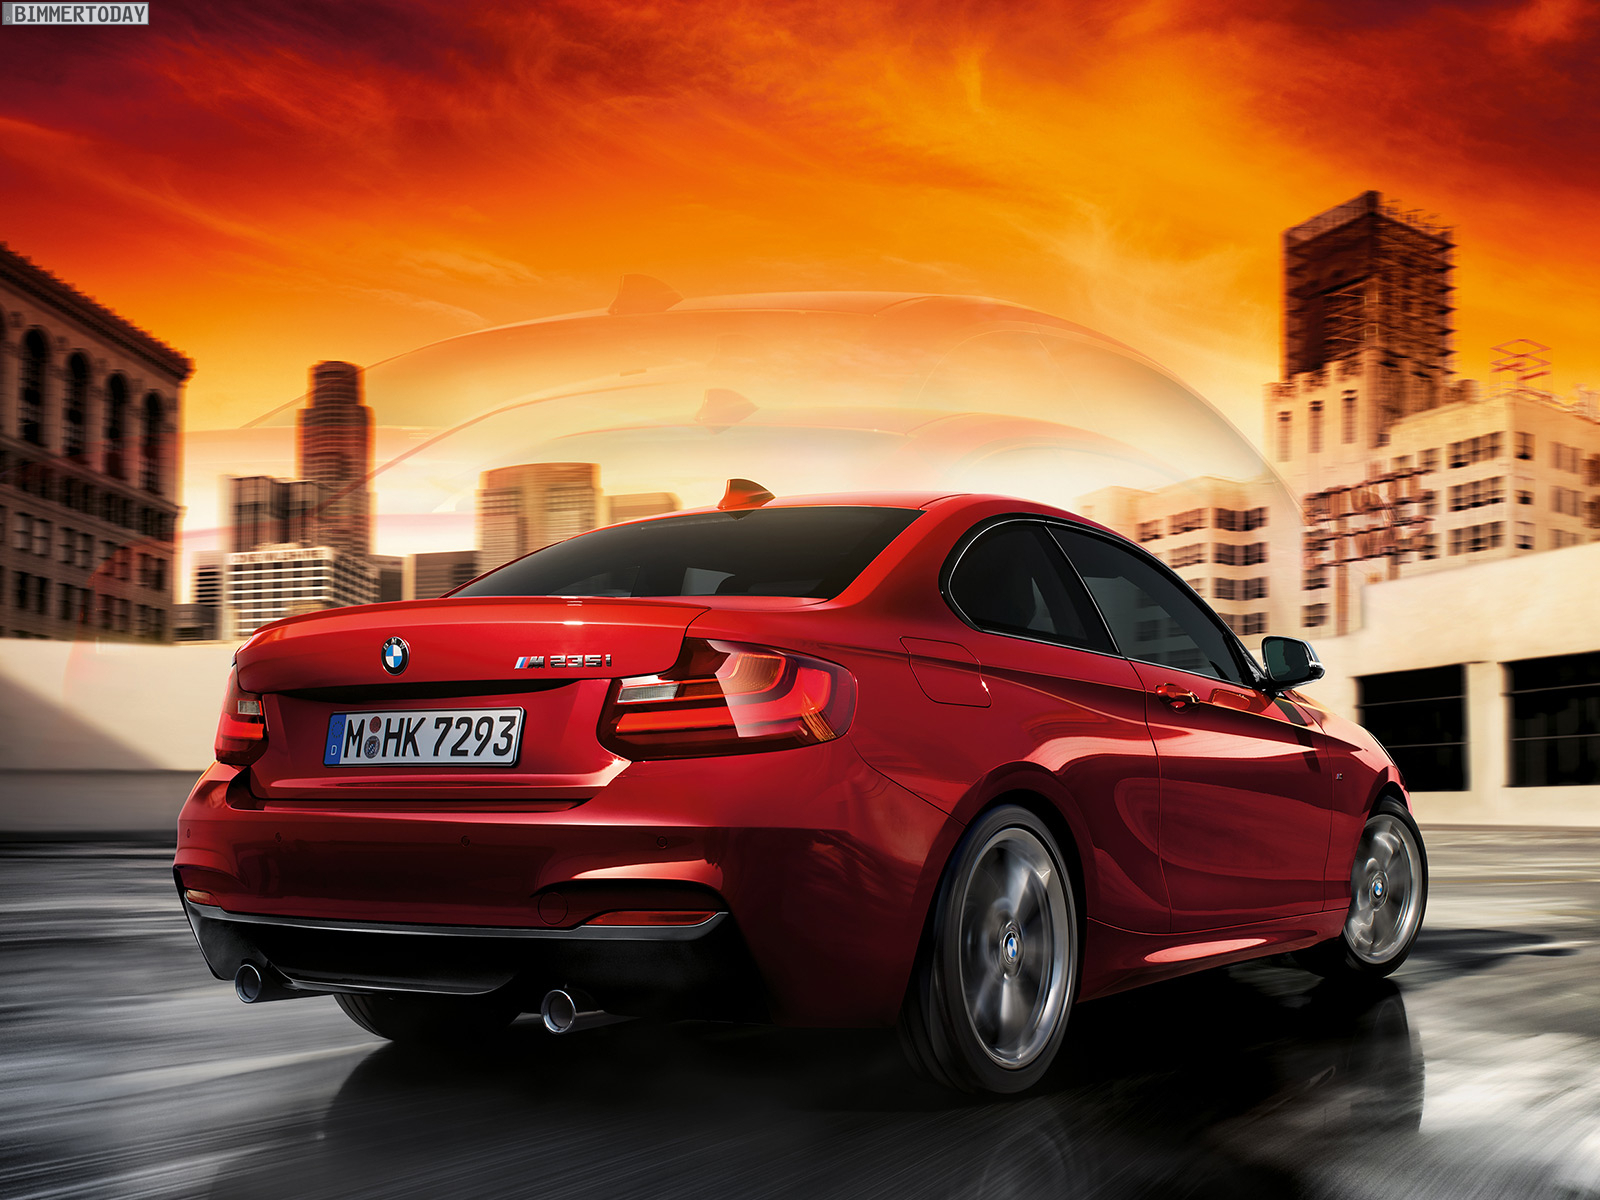 BMW Série 2 Coupé F22 [Topic Officiel] - Page : 15 - Série ...